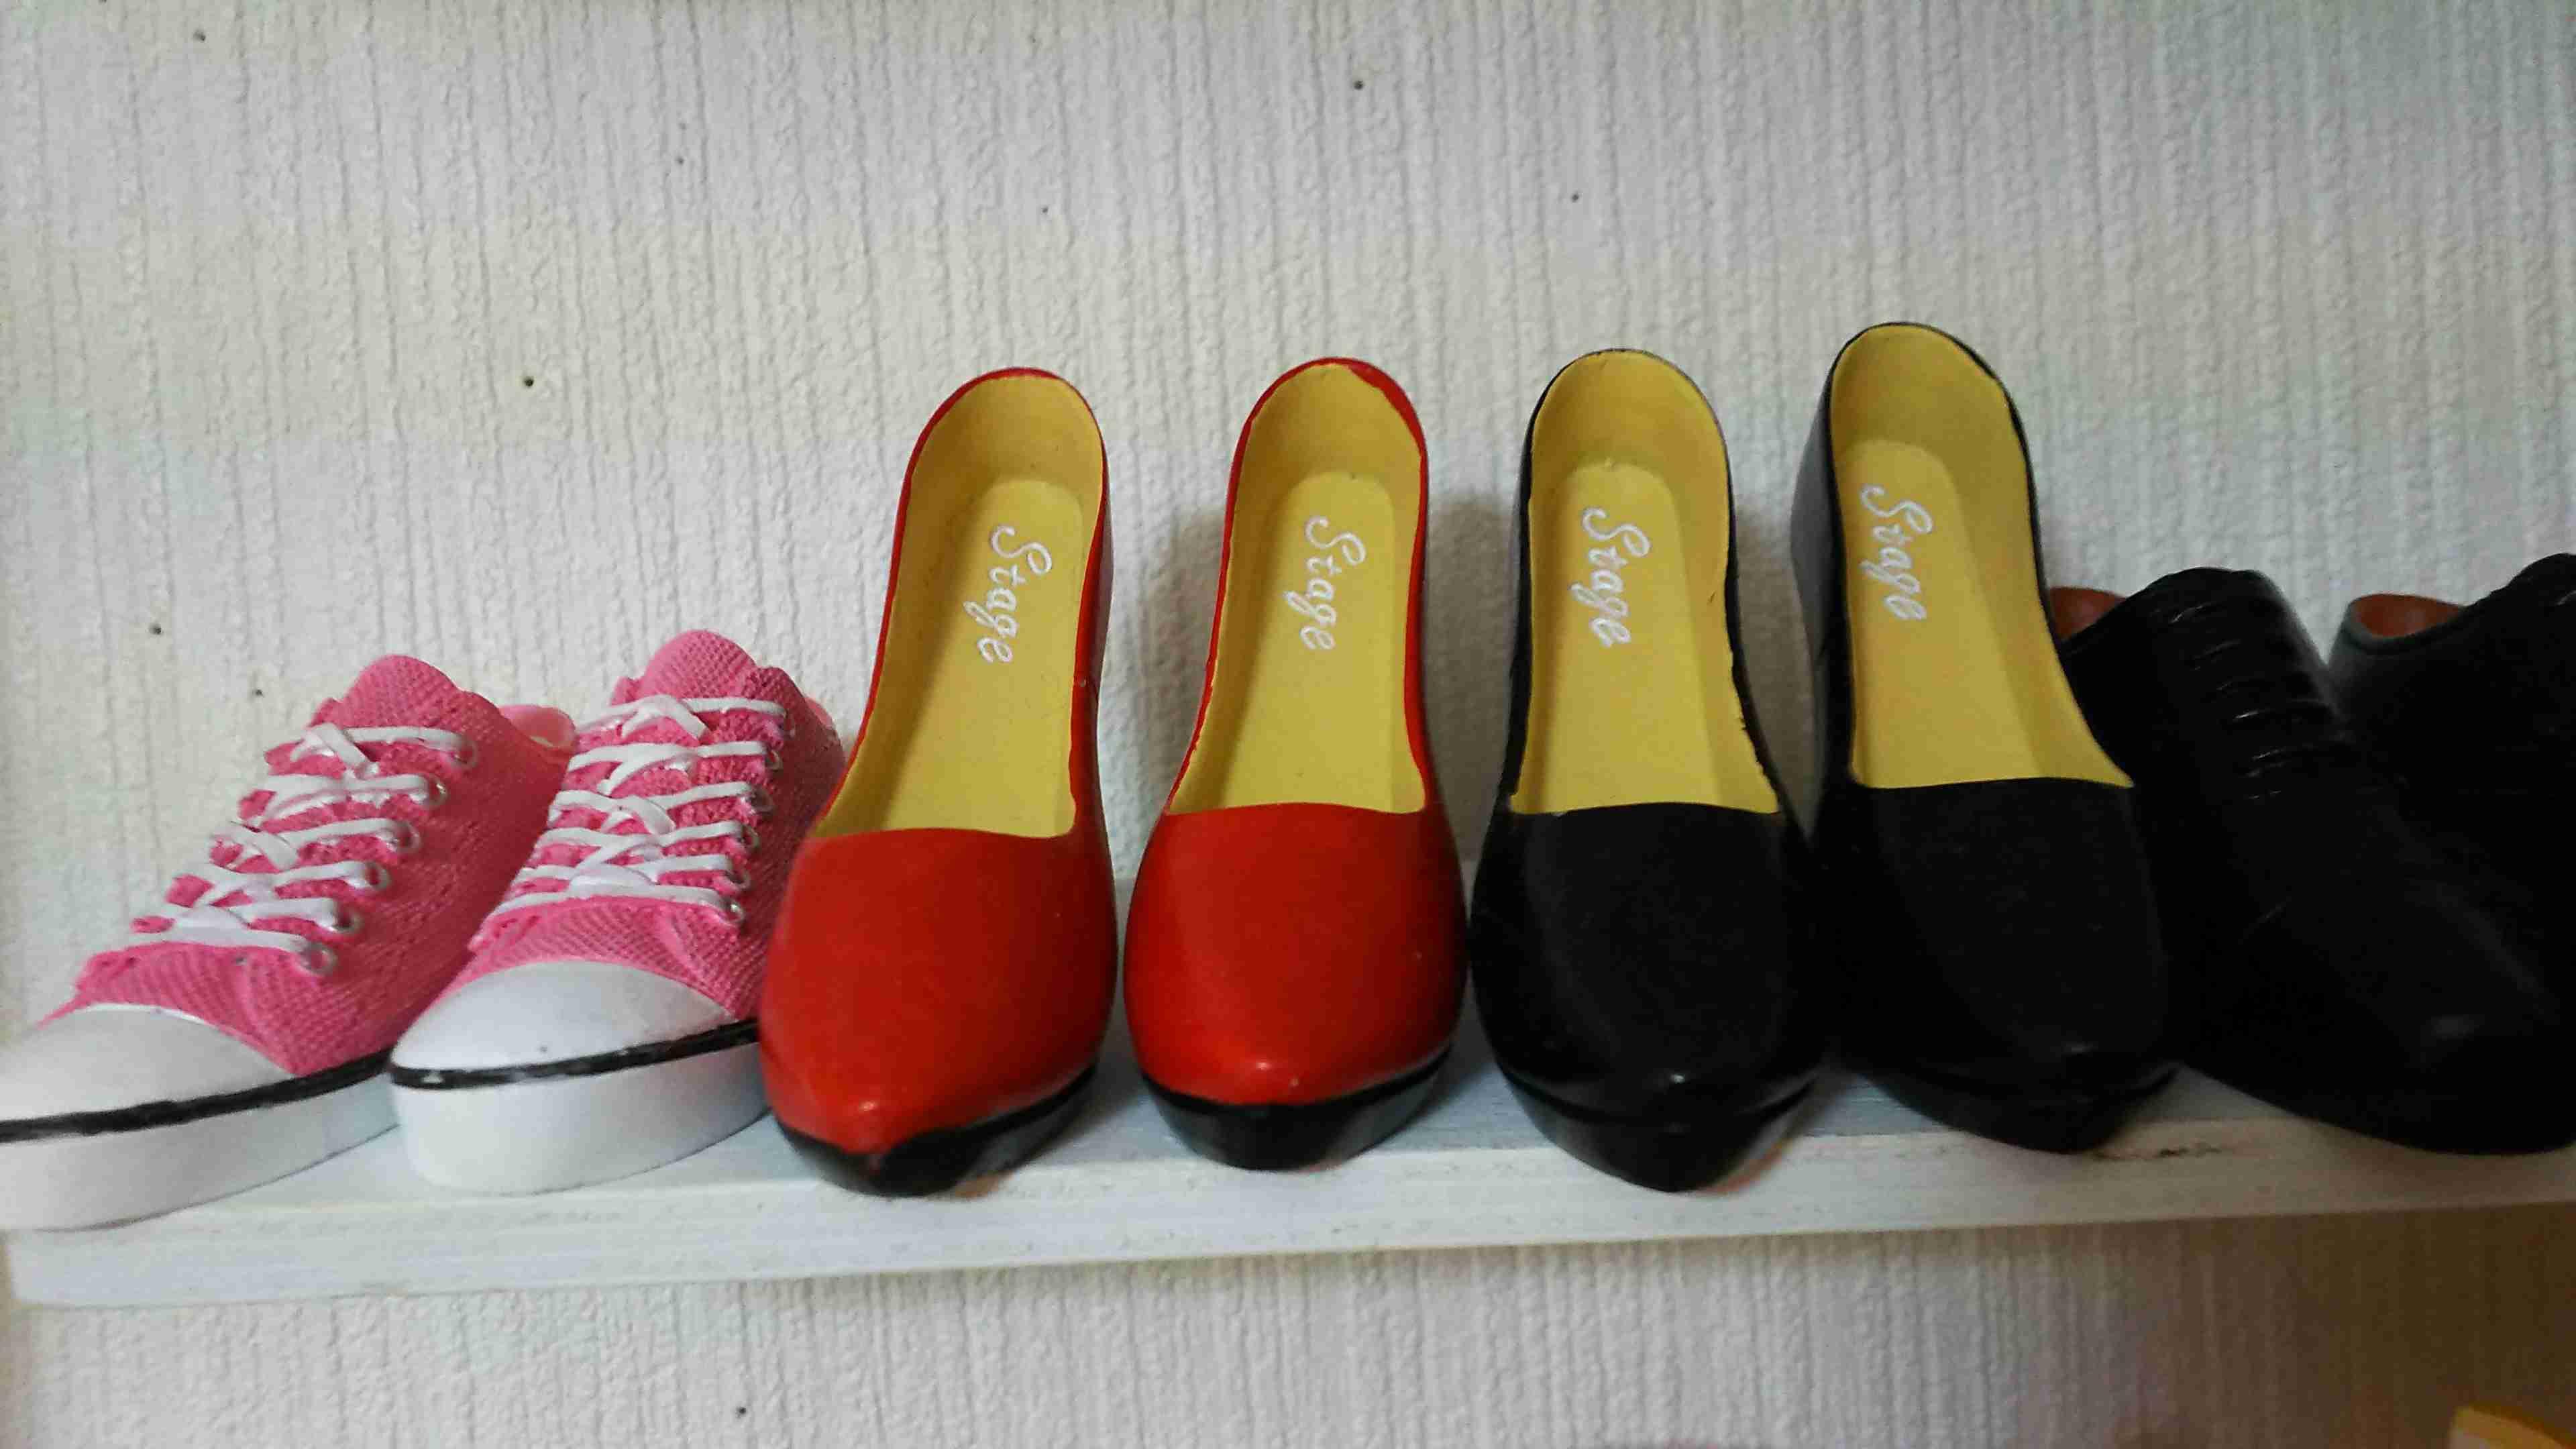 何色の靴を持ってますか?